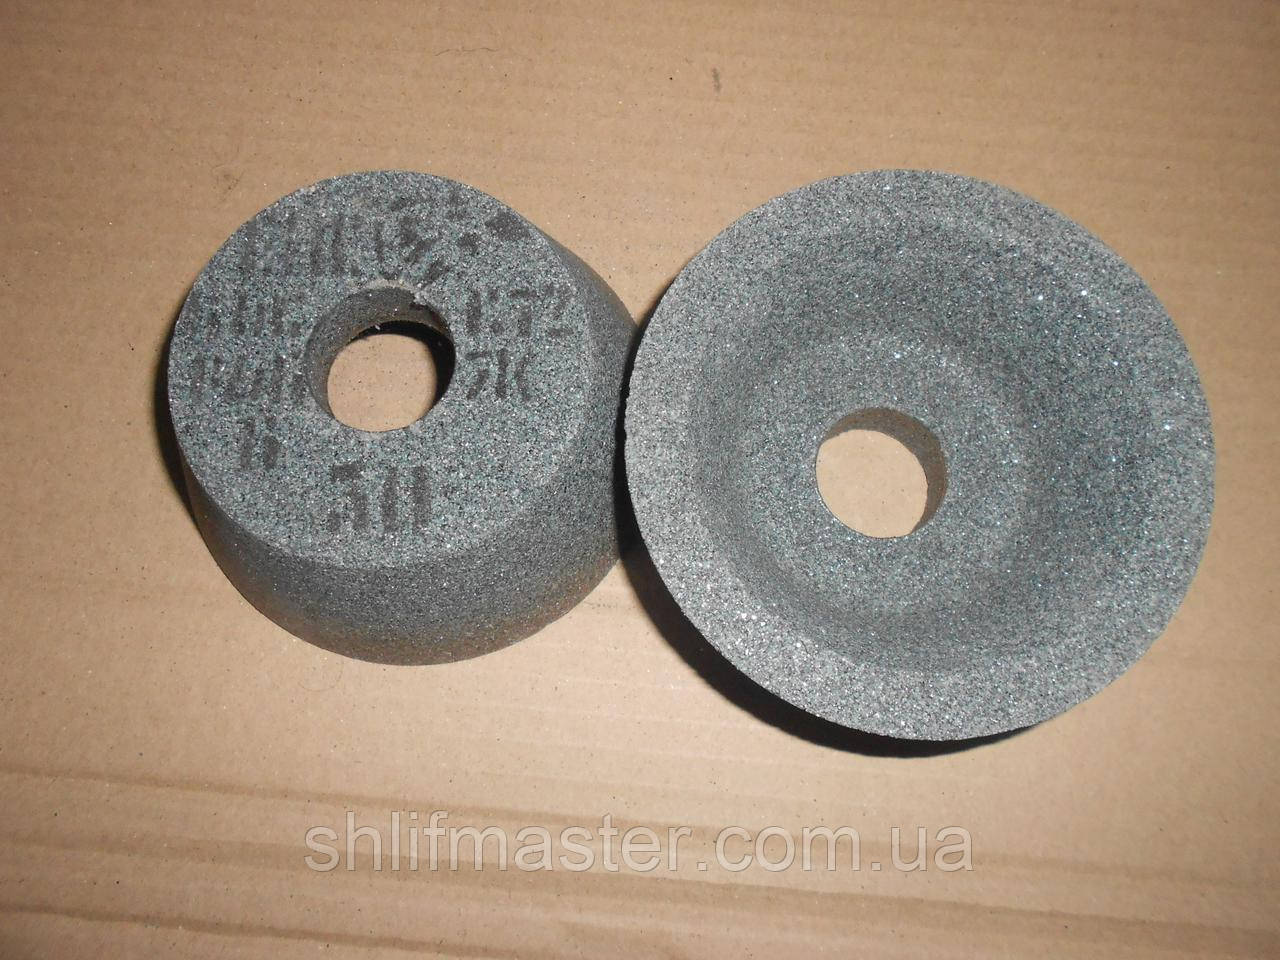 Чашка коническая ЧК 14А керамическая шлифовальная 125х50х32 25-40 СМ-С